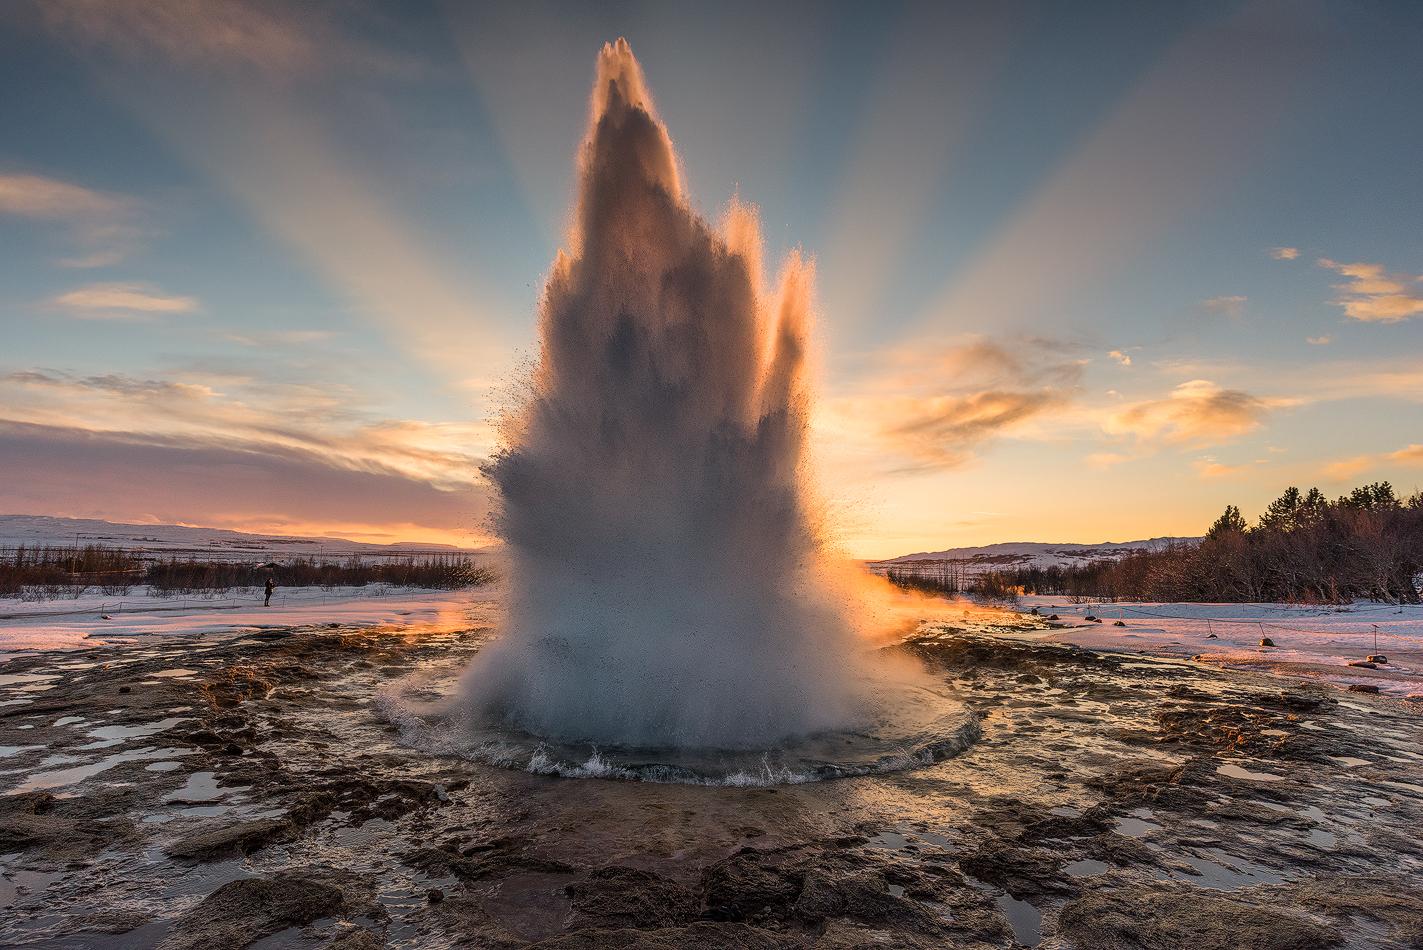 冰岛黄金圈景区,Strokkur间歇泉的喷发景象无比壮丽。